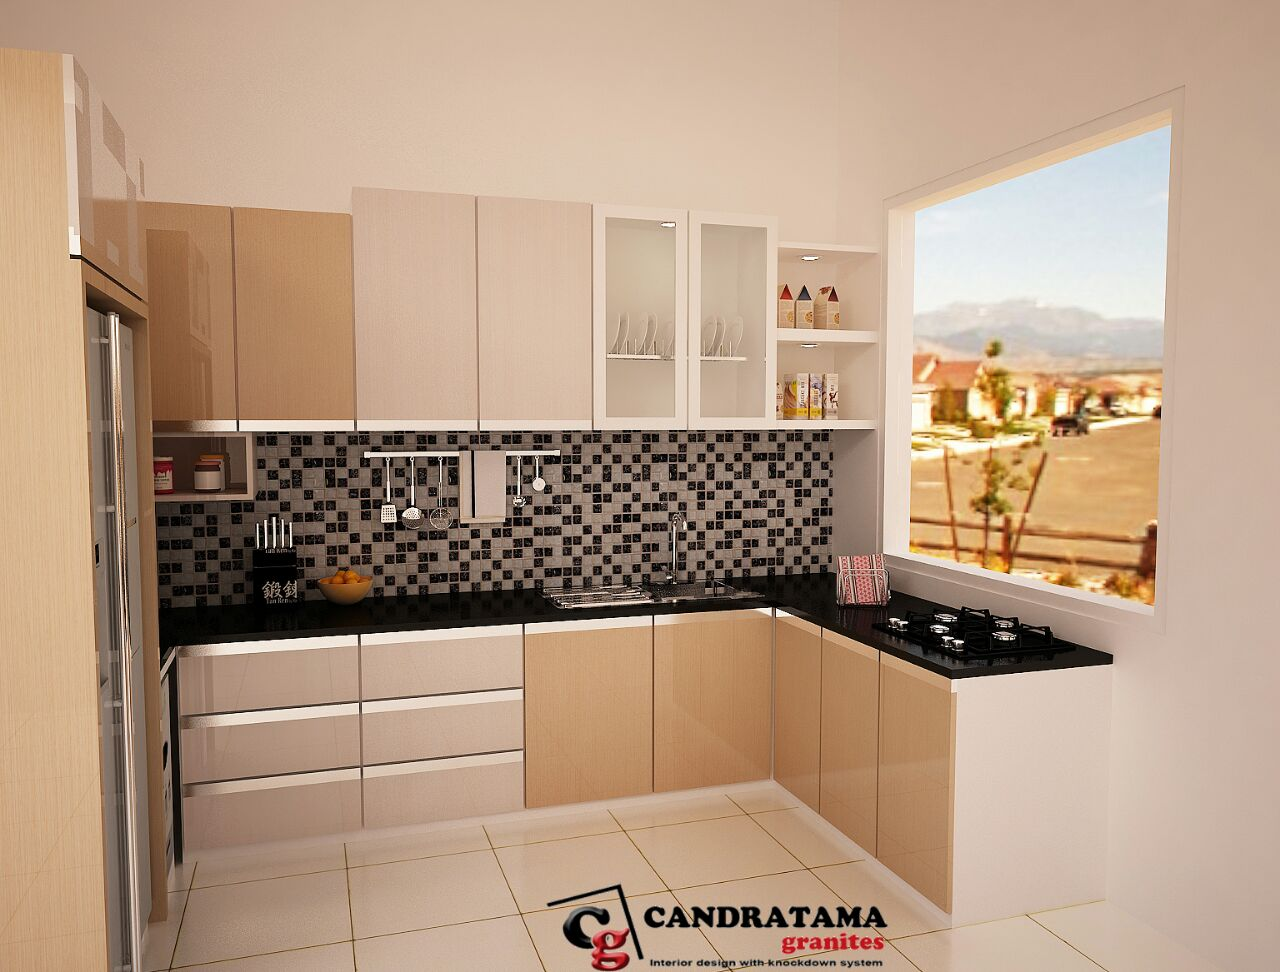 Harga kitchen set per meter jasa desain interior kediri for Harga kitchen set stainless per meter